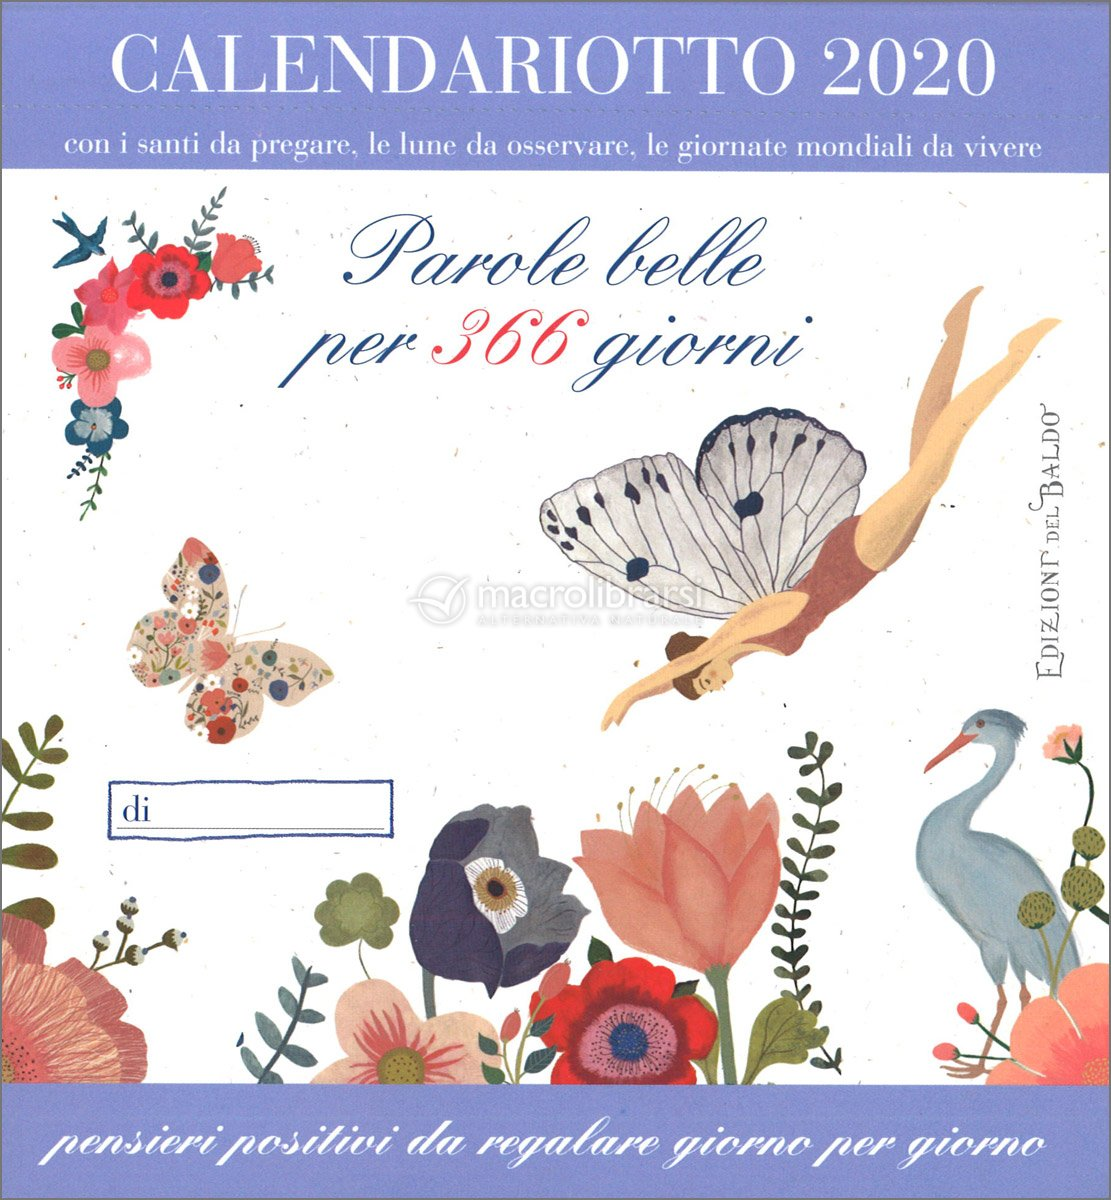 Calendario Fiere Alimentari 2020.Parole Belle Per 366 Giorni Calendariotto 2020 Calendario